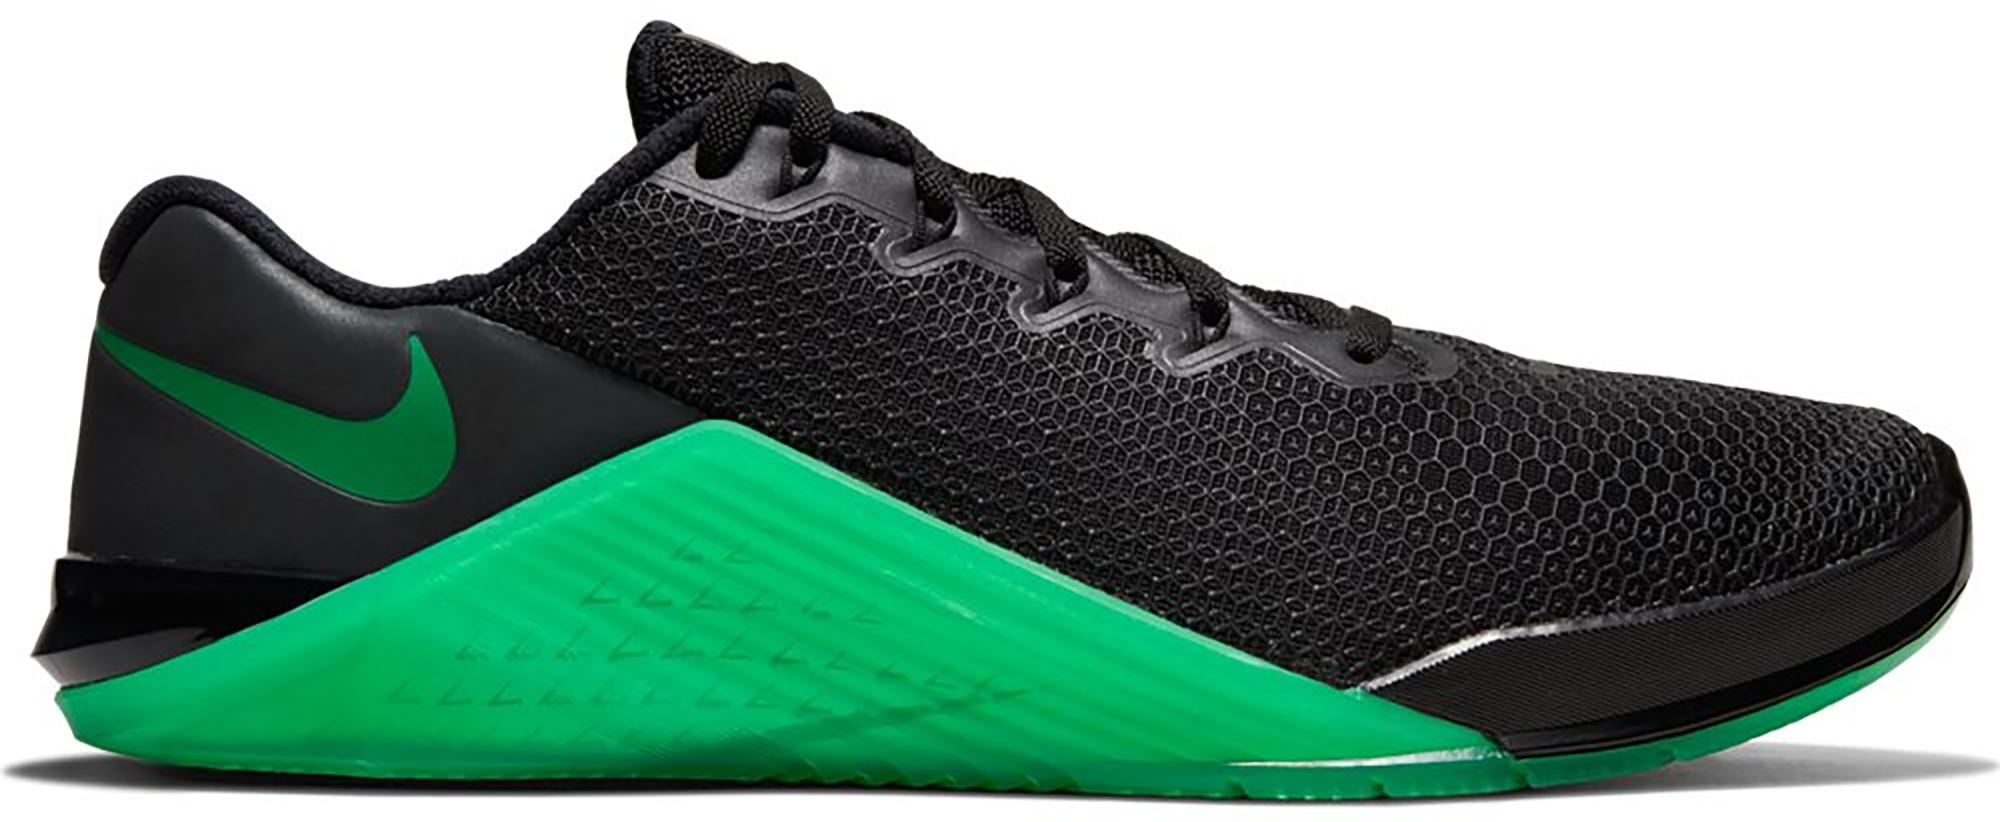 Nike Metcon 5 Black Lucky Green